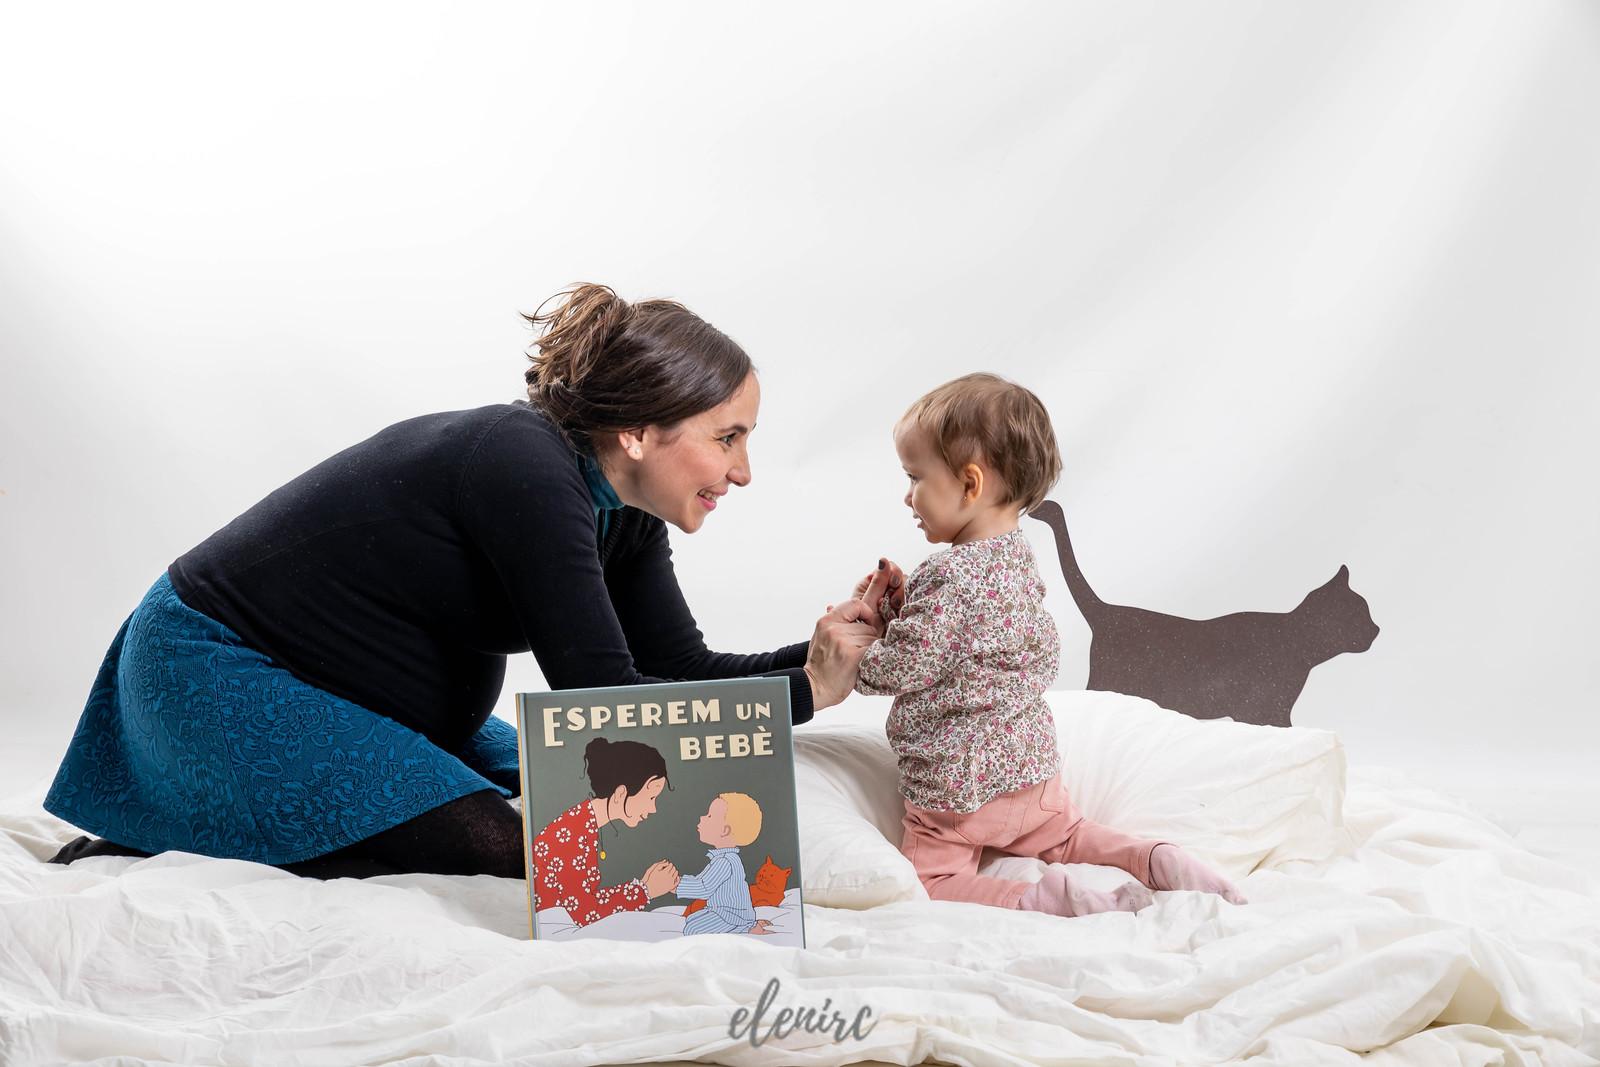 Esperem un bebè reportaje de embarazo y maternidad por Elena Rubio fotógrafa infantil y de familia para elenircfotografia en Mollet del Valles Barcelona